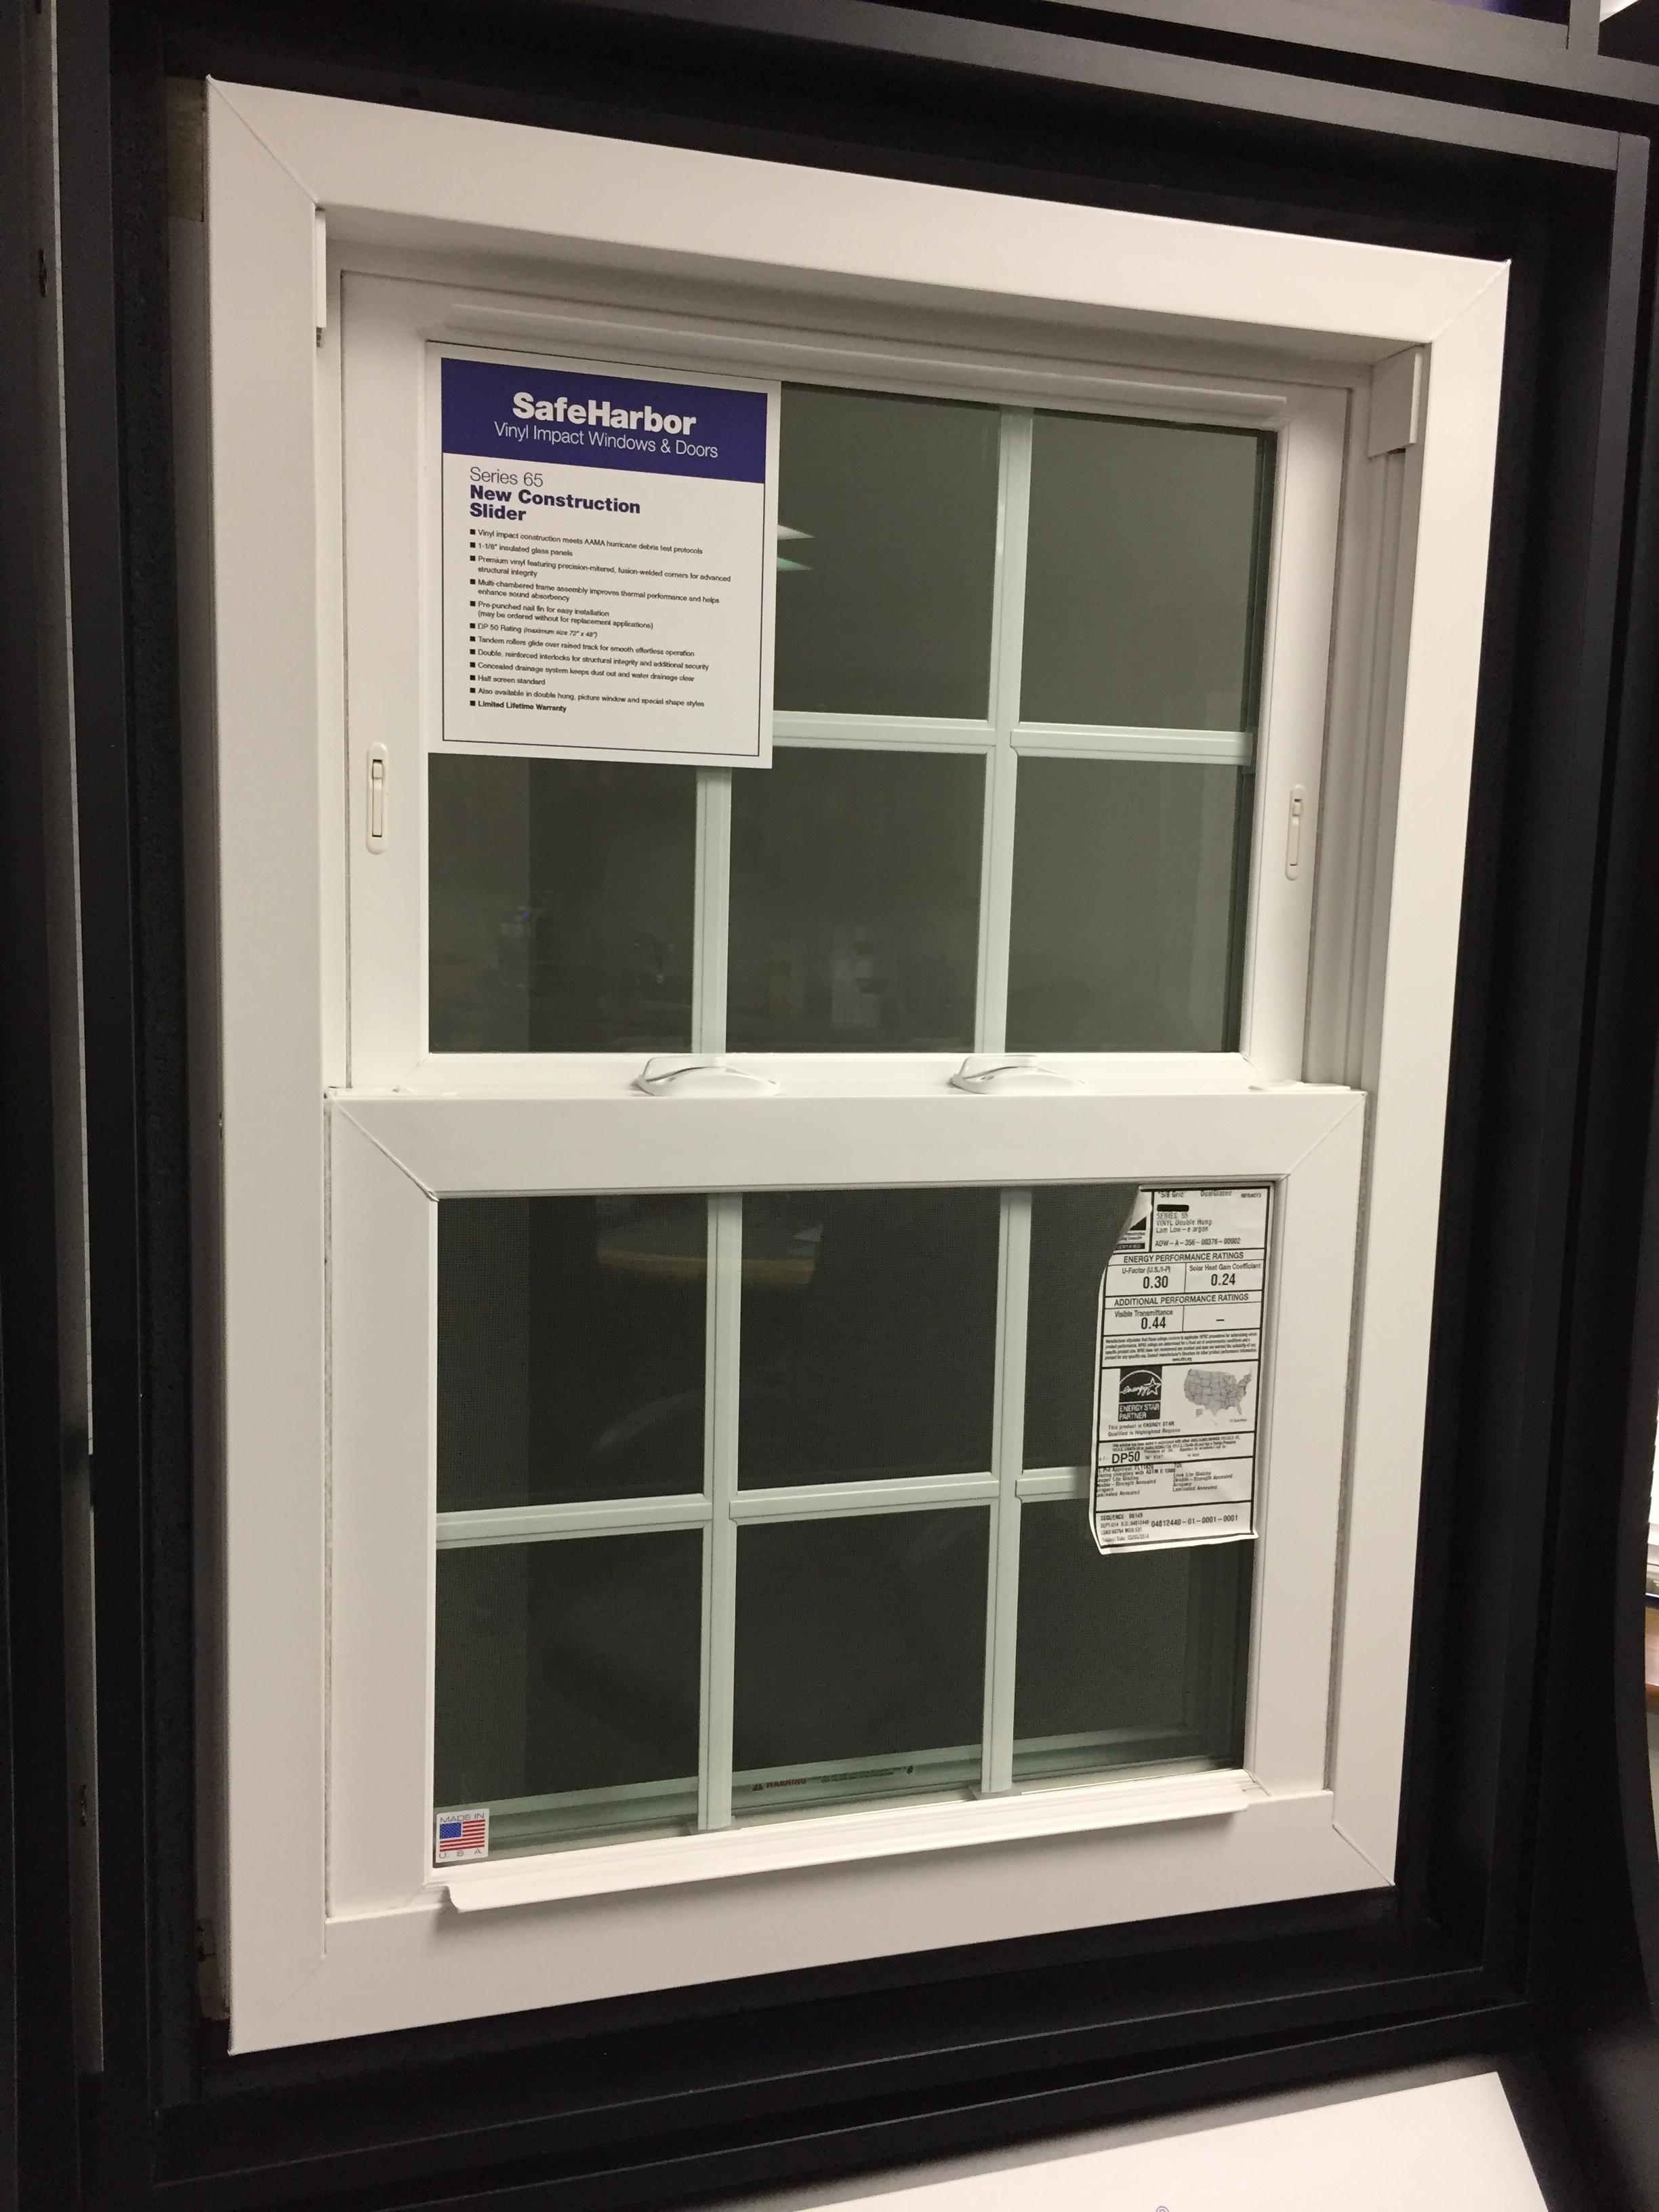 Atrium Recalls Safeharbor Windows Due To Impact Injury